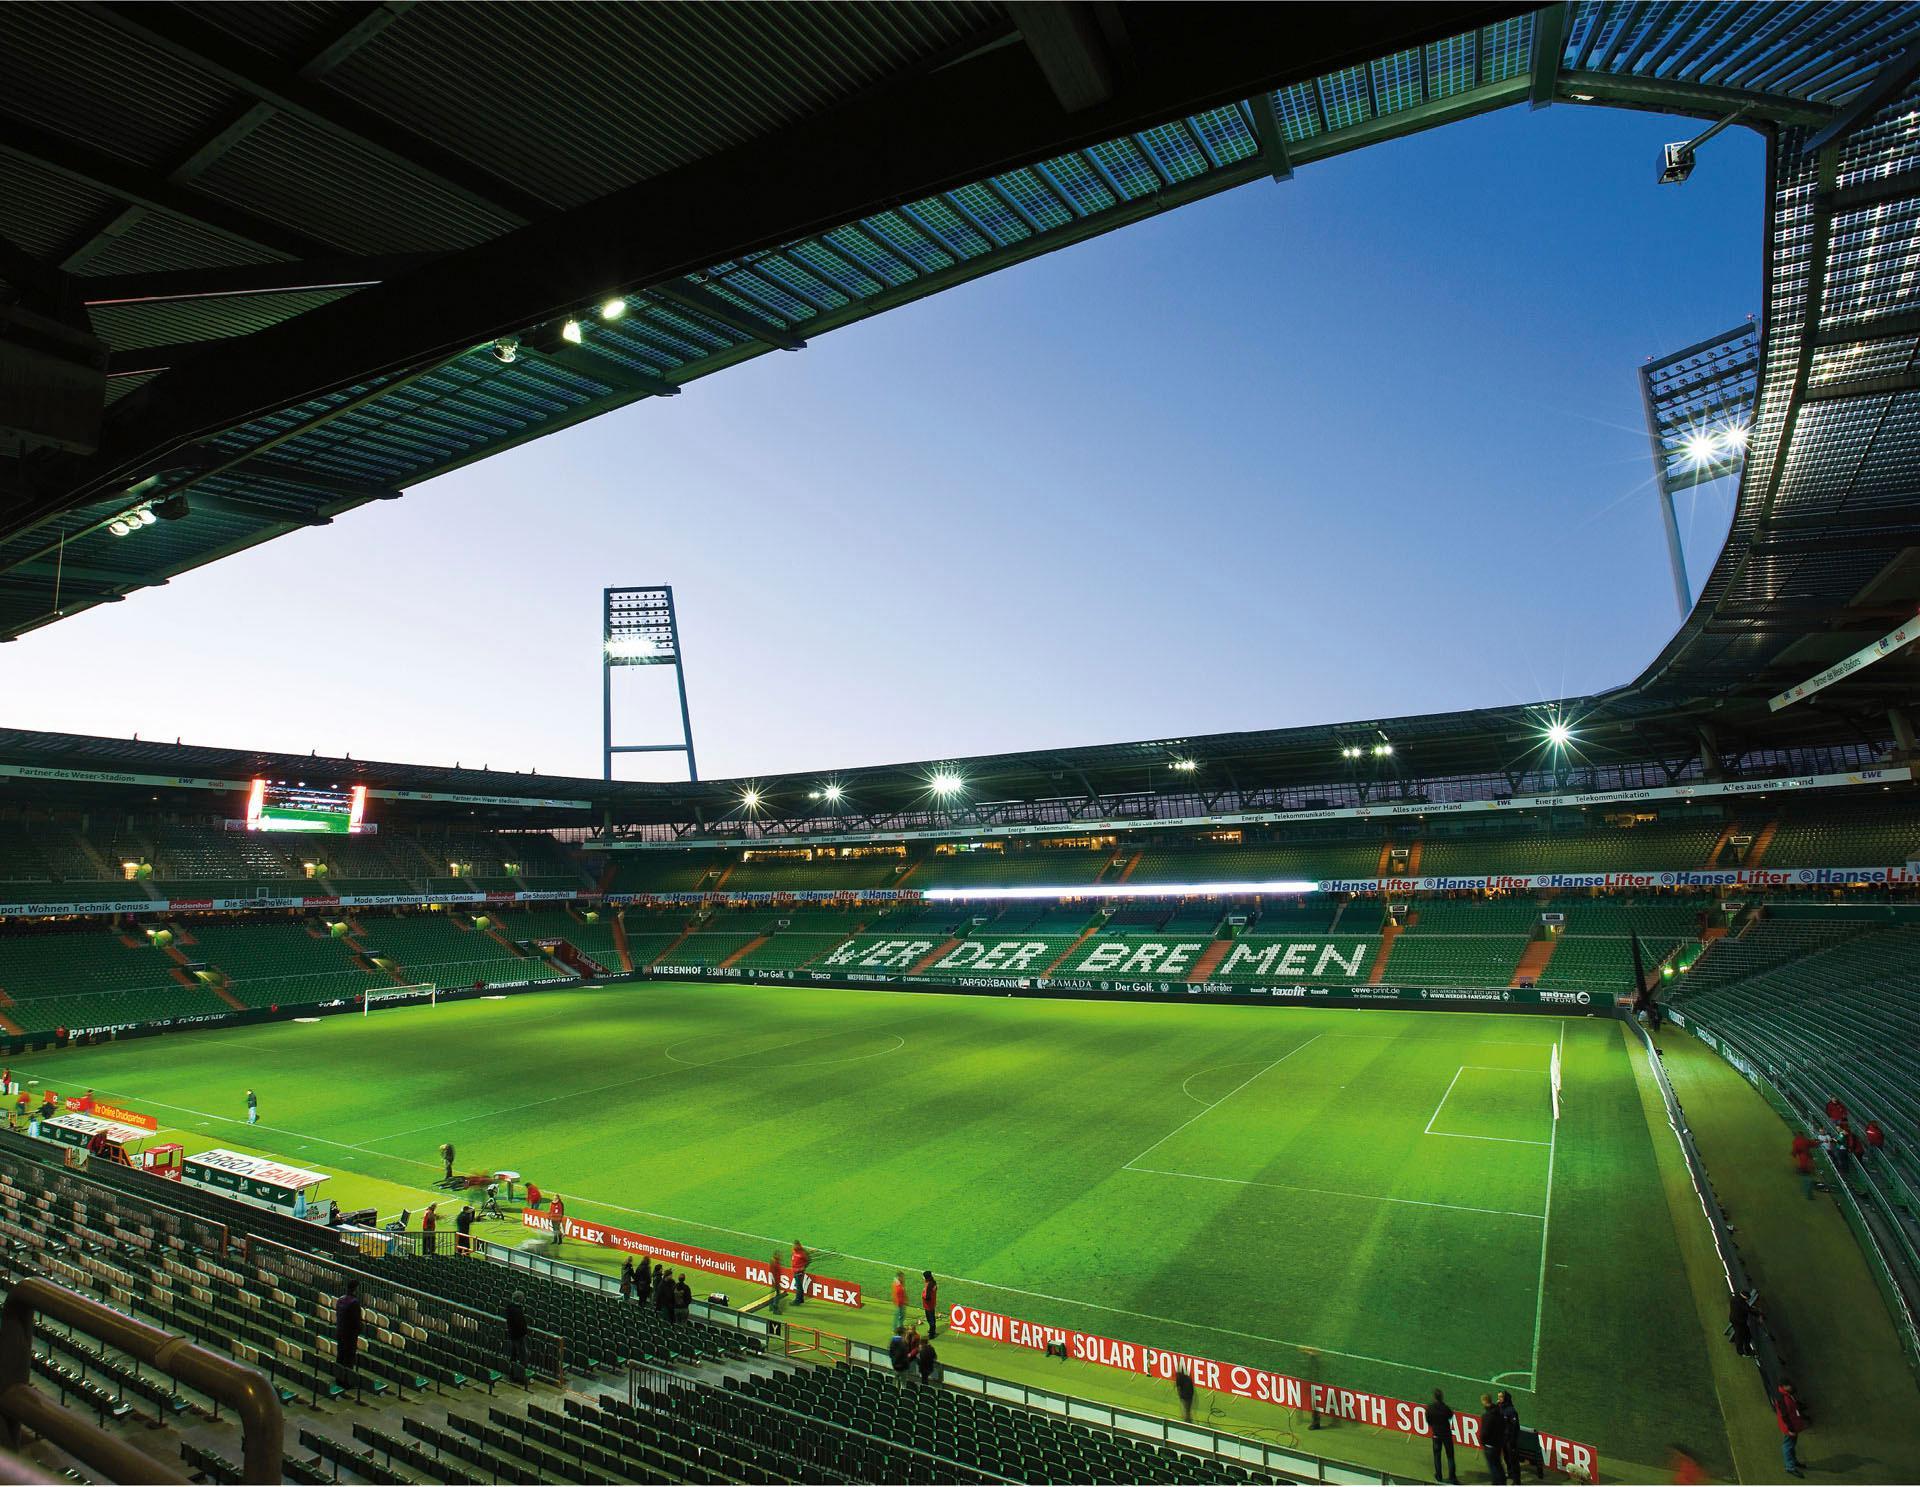 Fototapete Werder Bremen - Weserstadion Innen 336/260 cm Wohnen/Wohntextilien/Tapeten/Fototapeten/Fototapeten Stadt